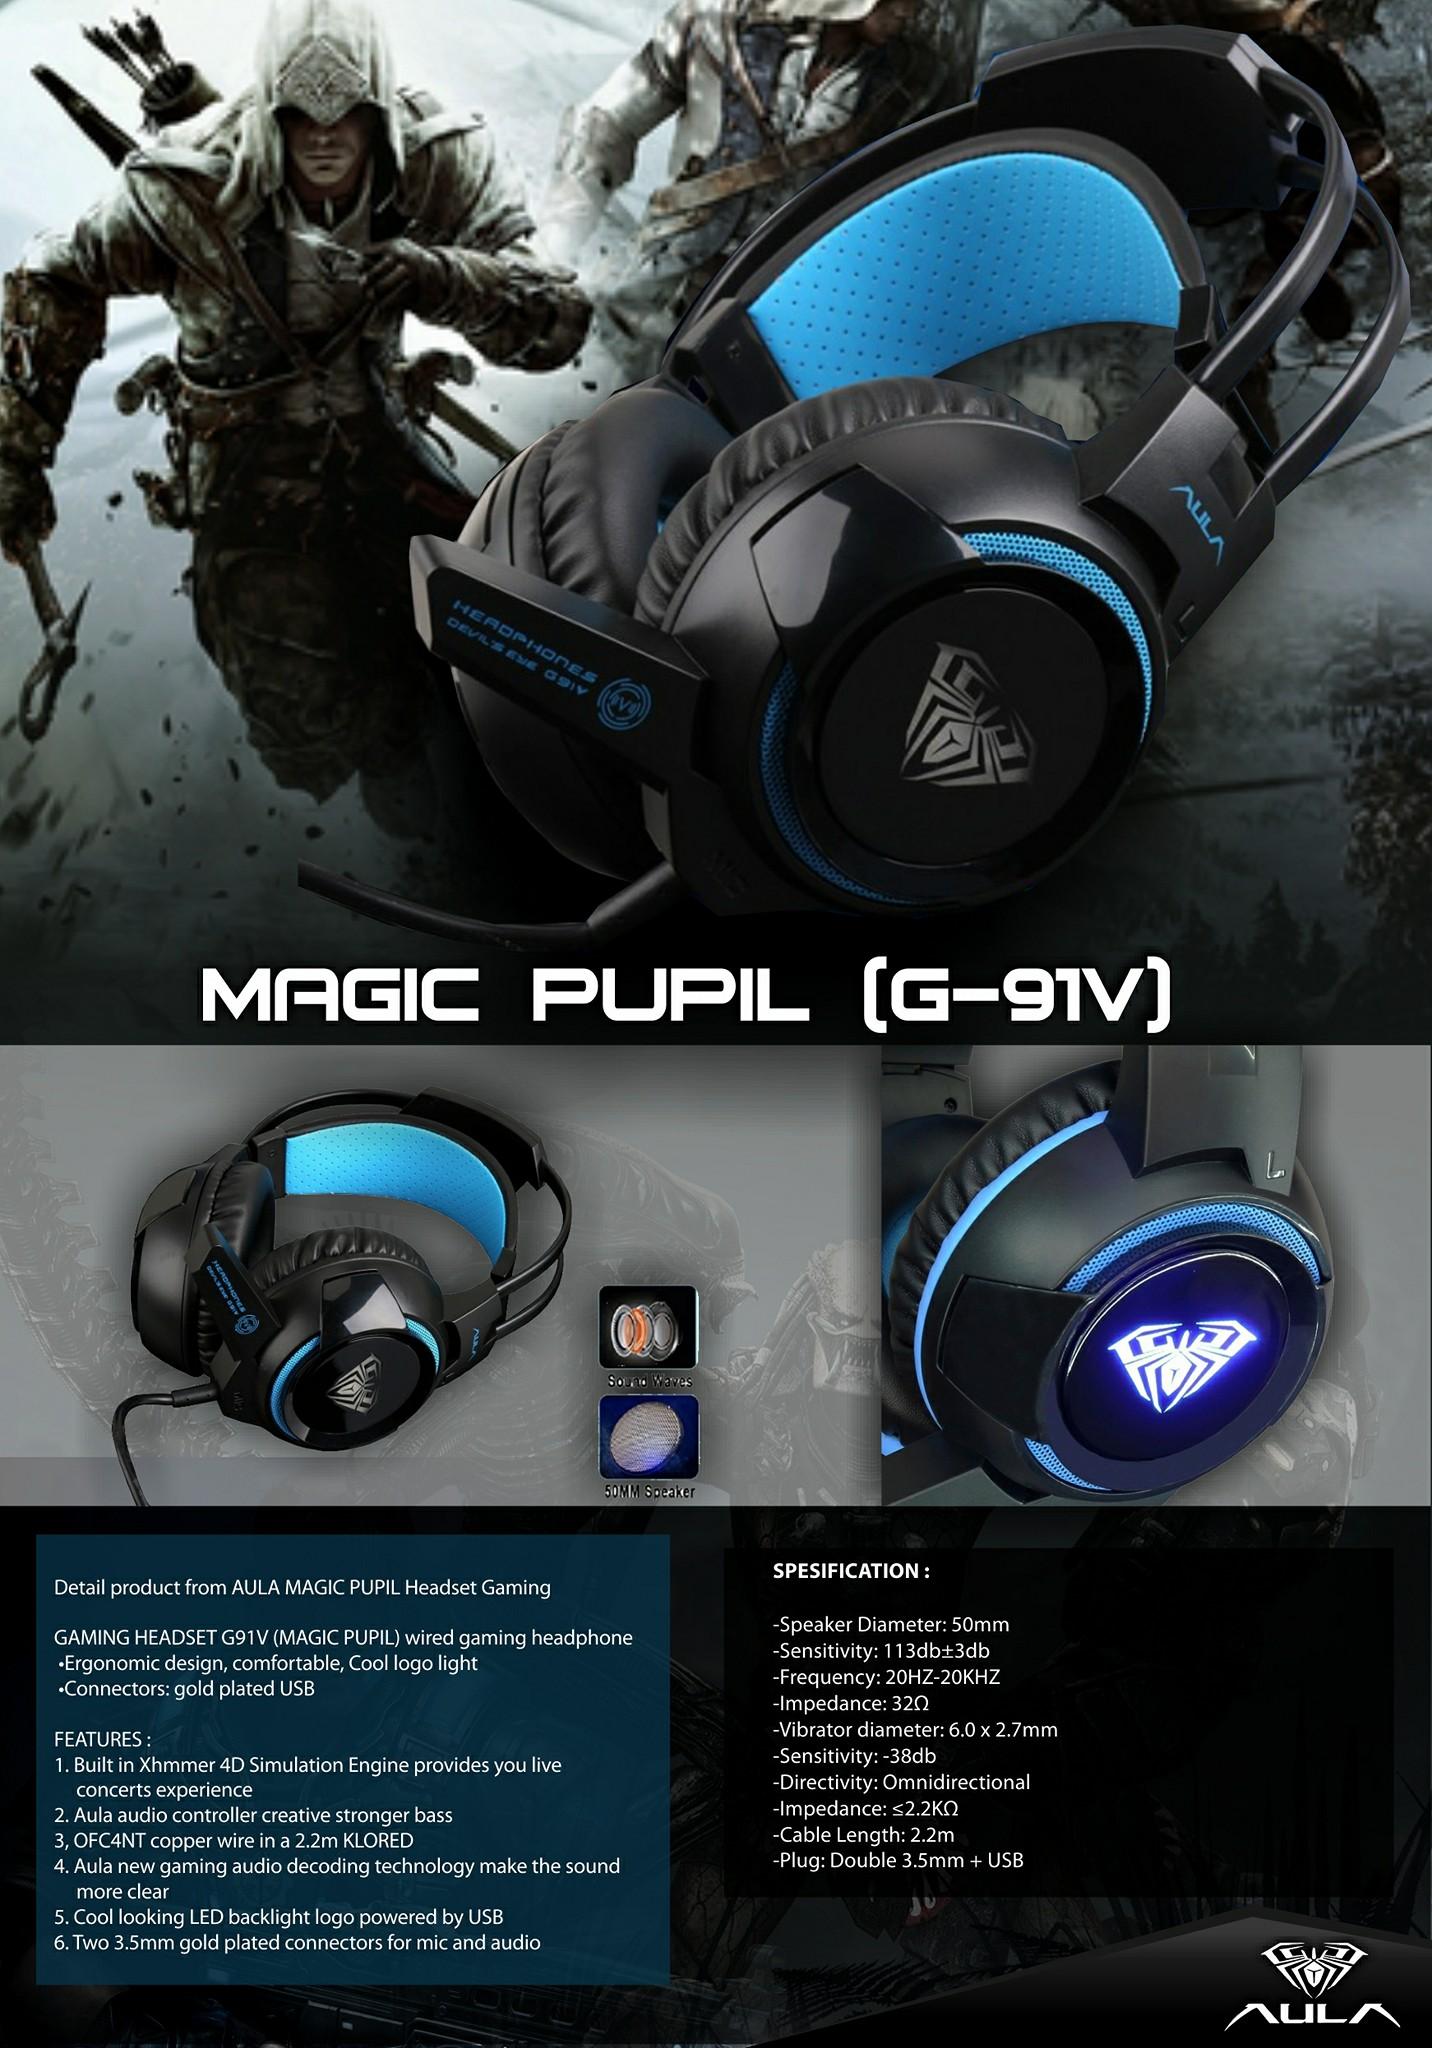 AULA G91v PRODUCT SHOWCASE